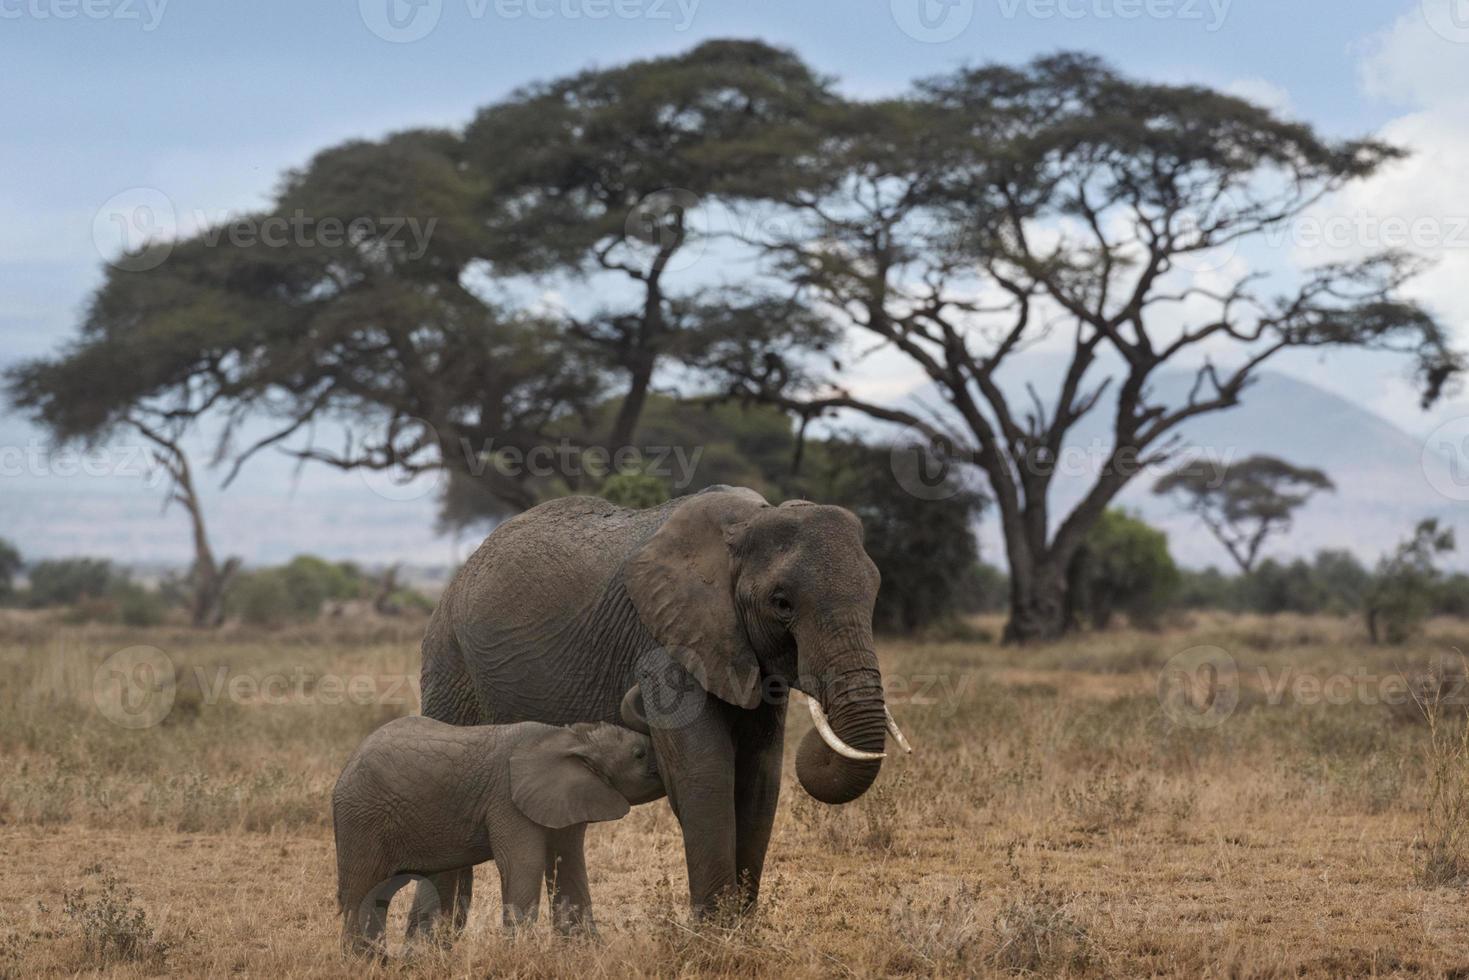 elefante africano com mamar bezerro foto